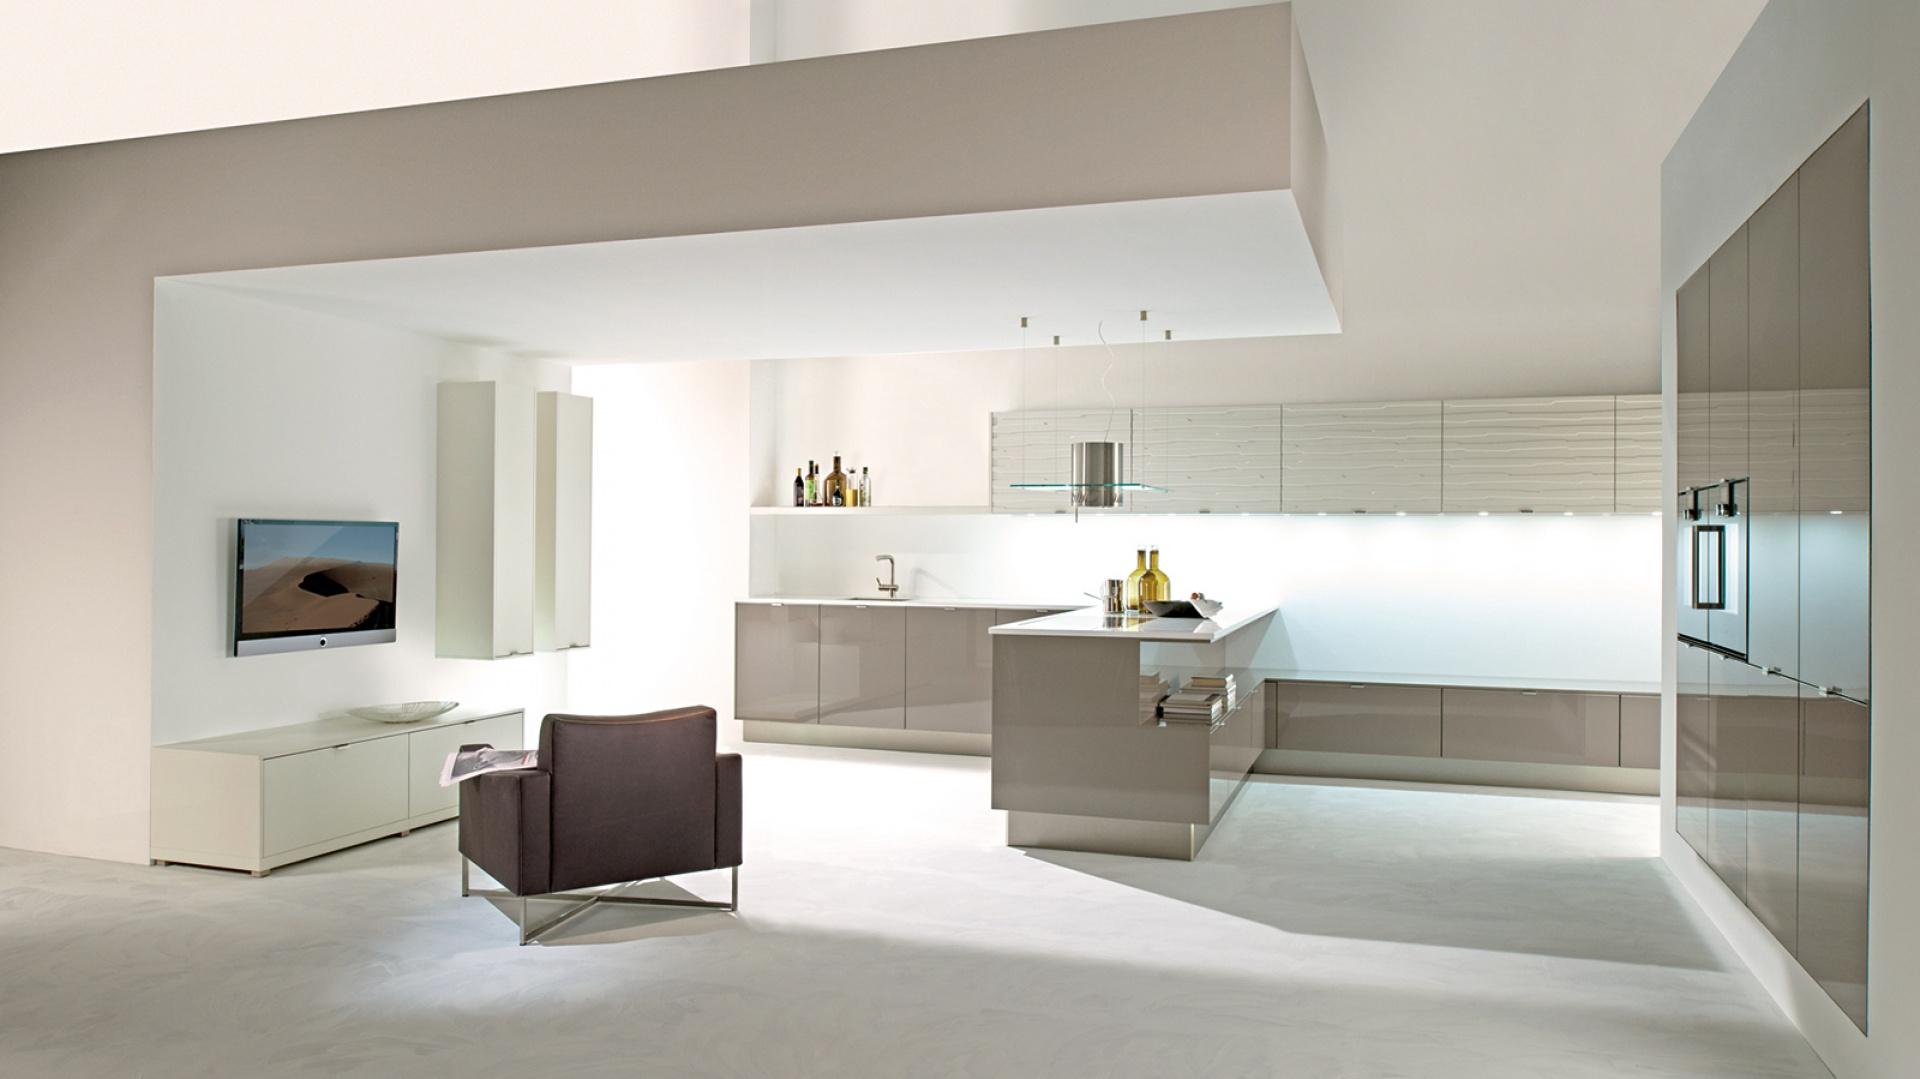 Lakier o wysokim połysku w połączeniu z matowymi powierzchniami i wzorem, który nada każdej kuchni charakteru. Fot. Lome.